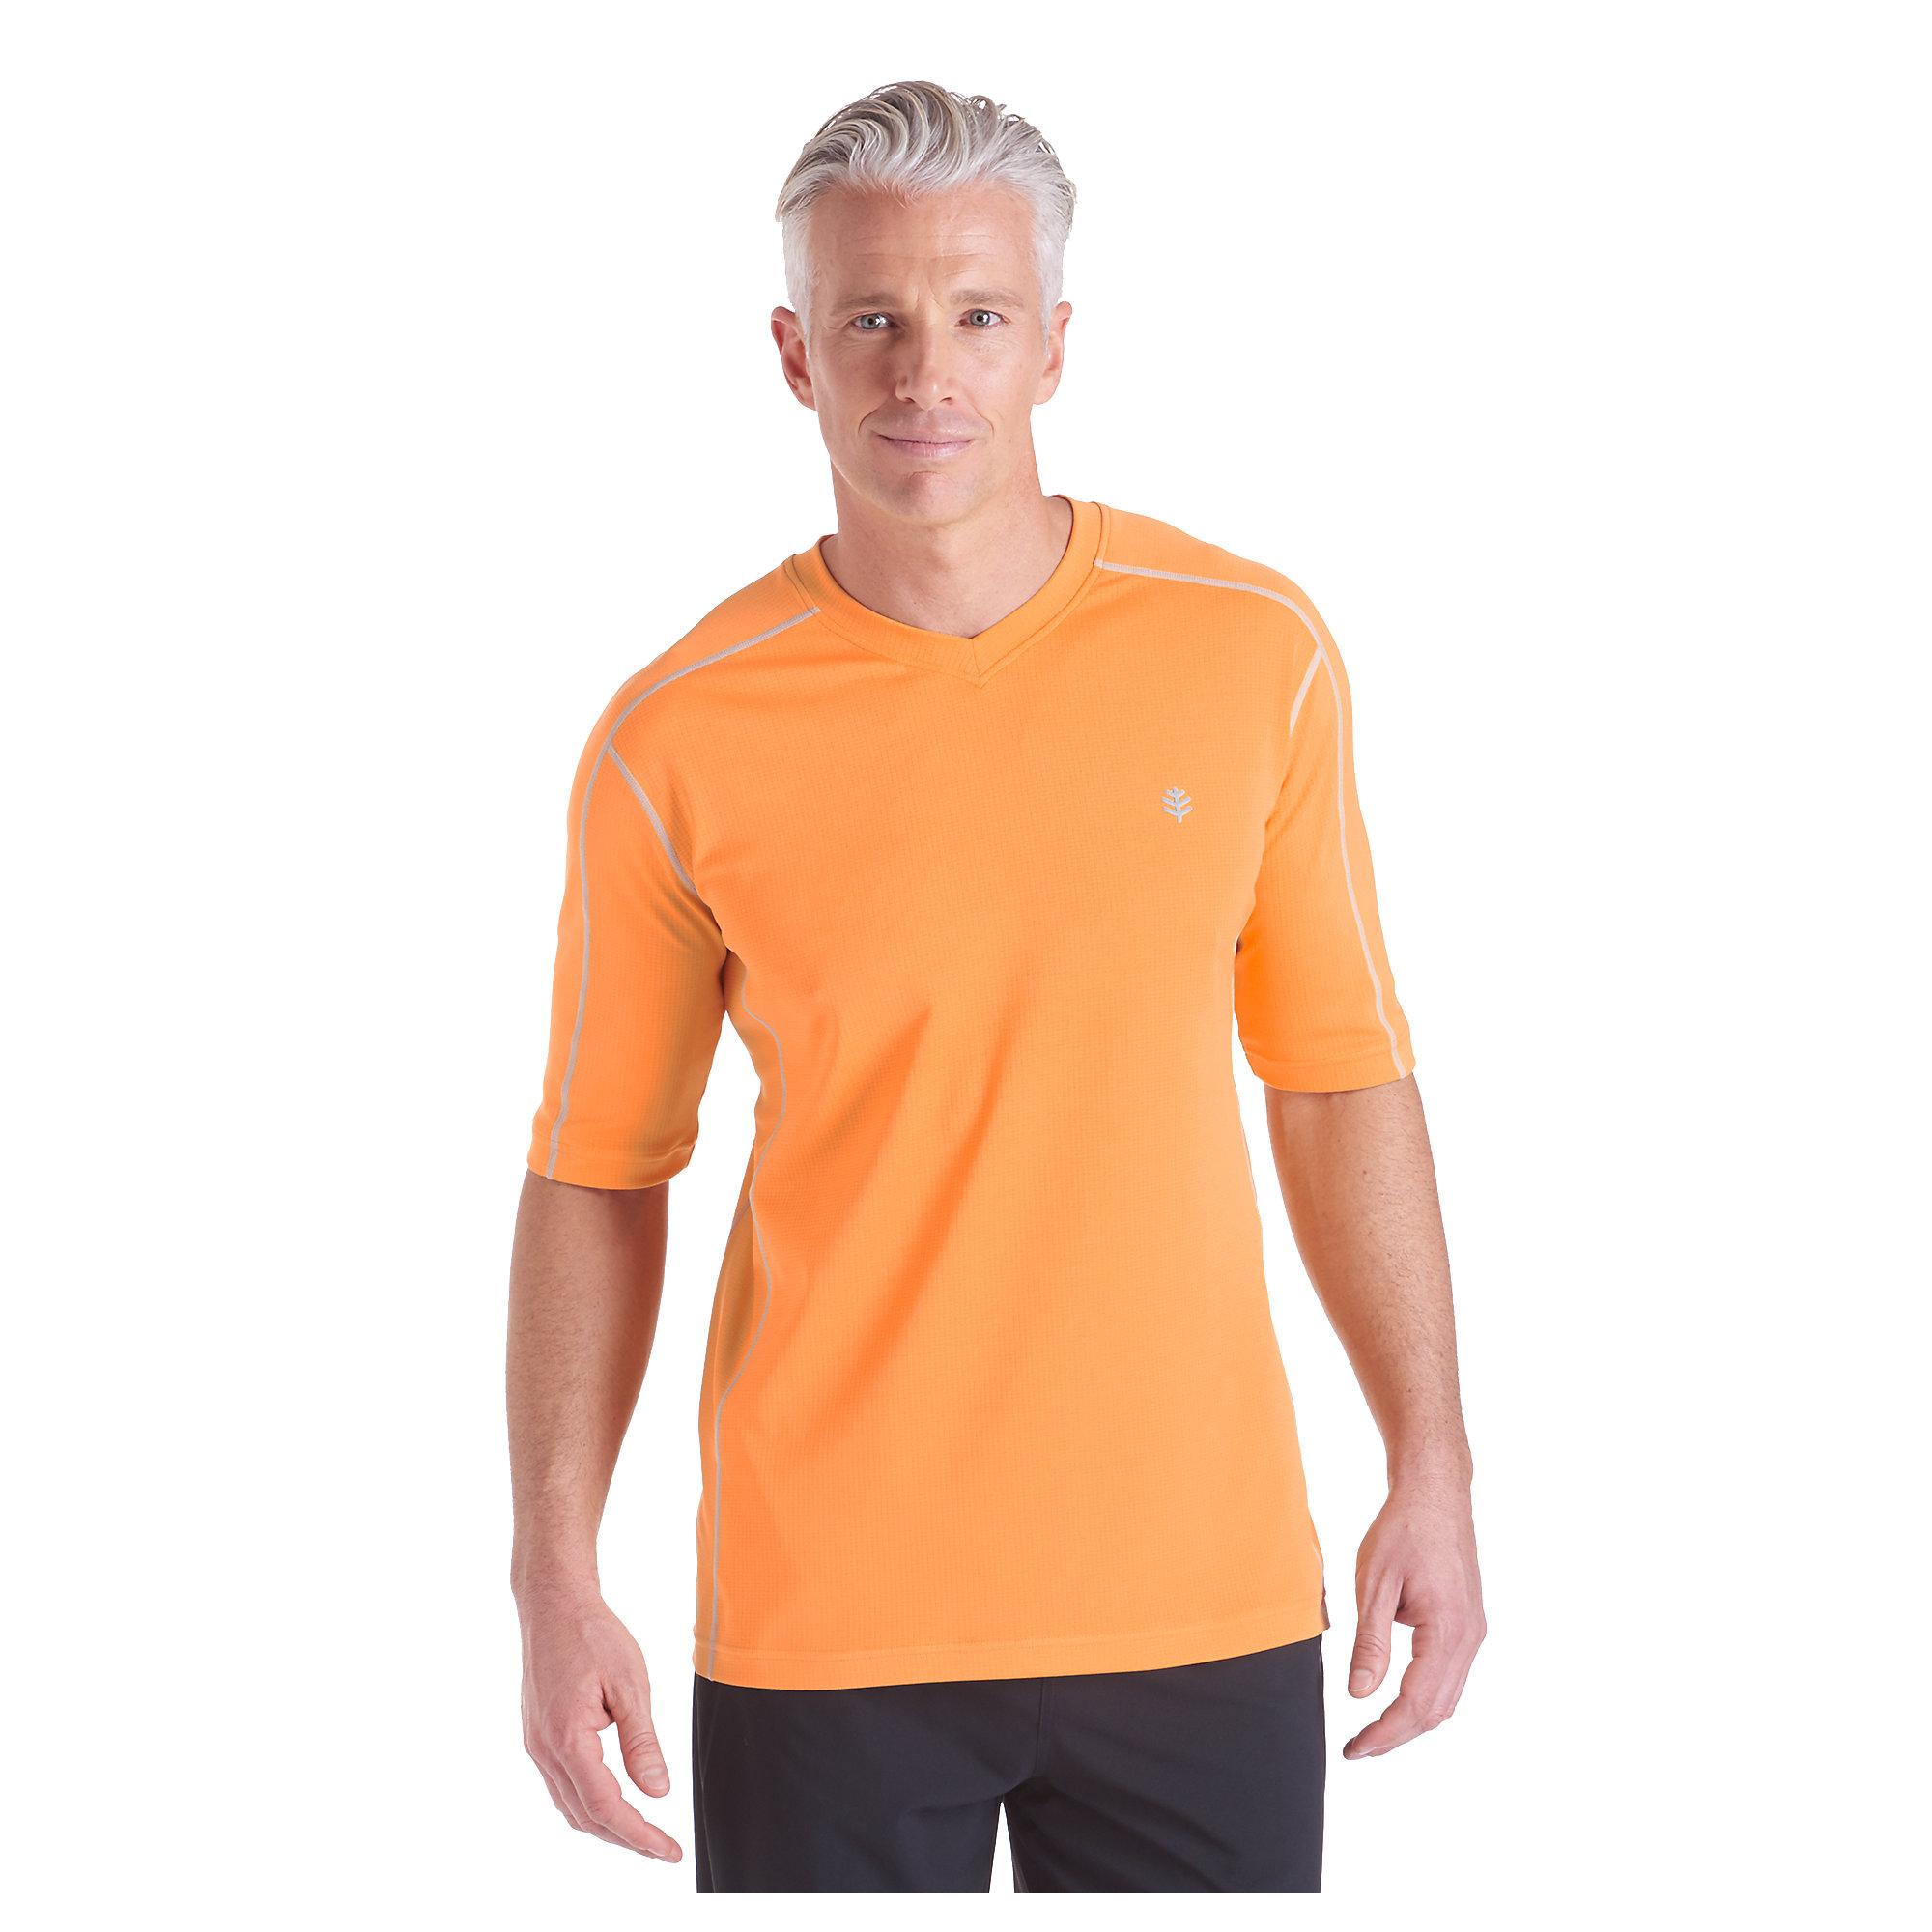 coolibar upf 50 mens sleeve cool fitness shirt sun